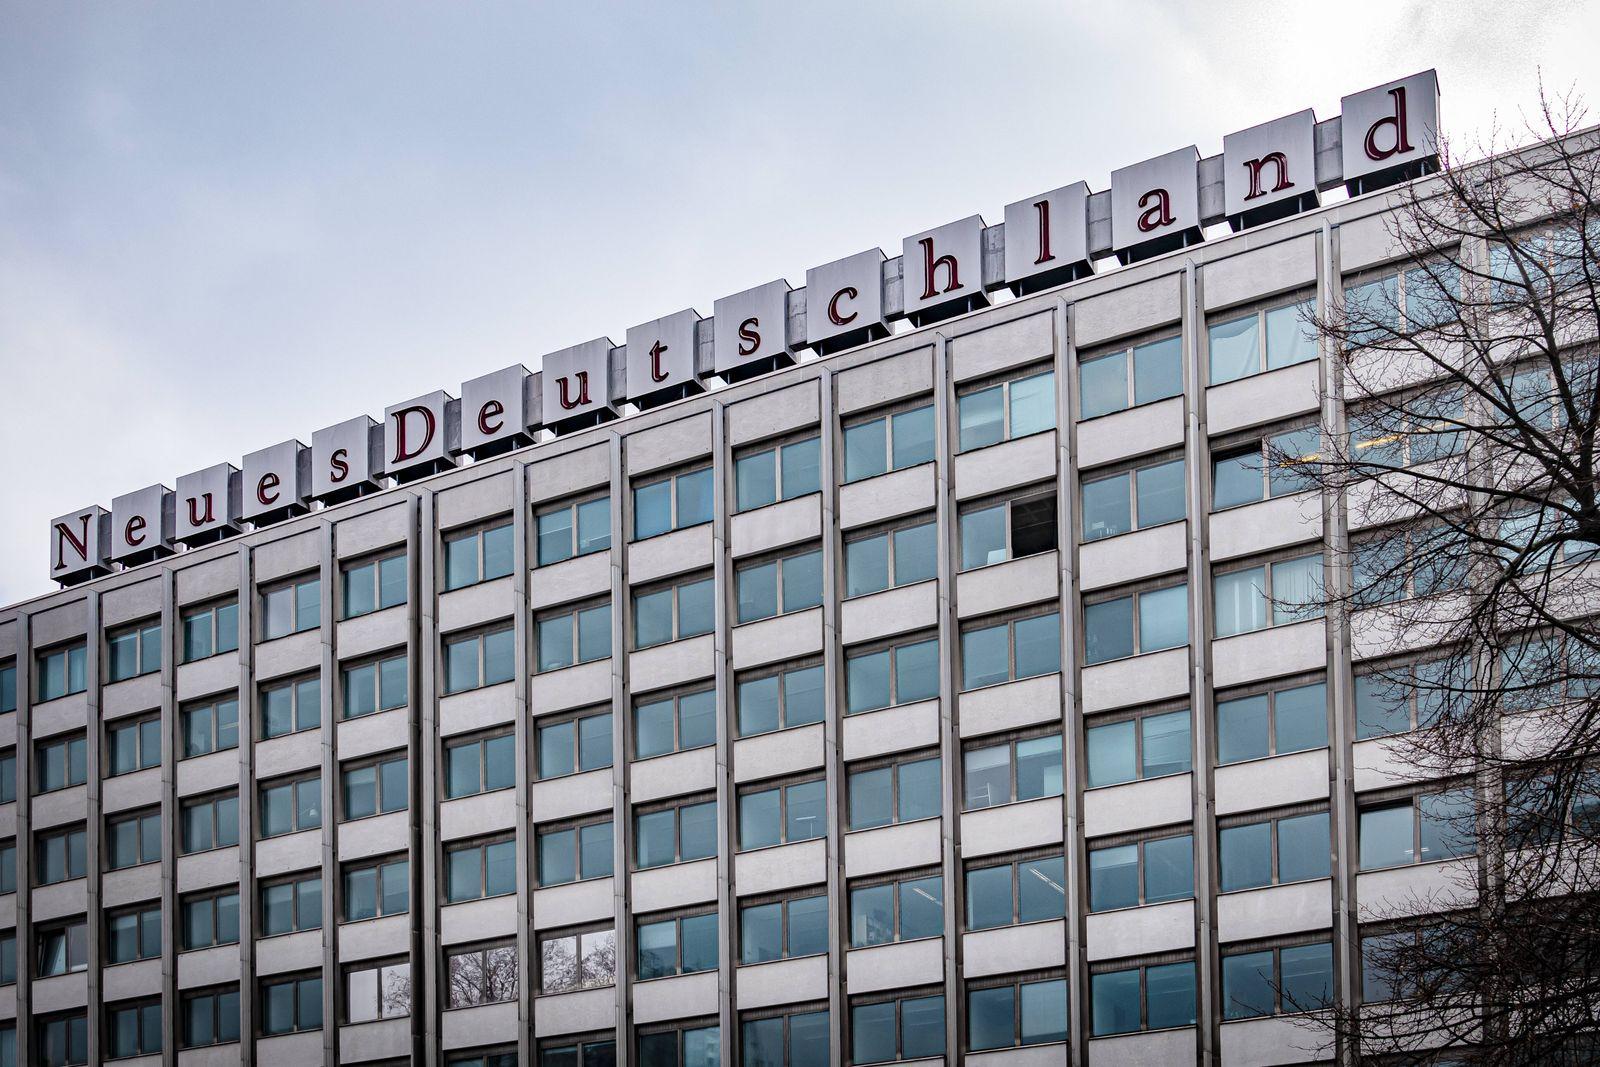 Berlin Friedrichshain; Verlagshaus Neues Deutschland - sozialistische Tageszeitung am Franz-Mehring-Platz 1 Friedrichsha